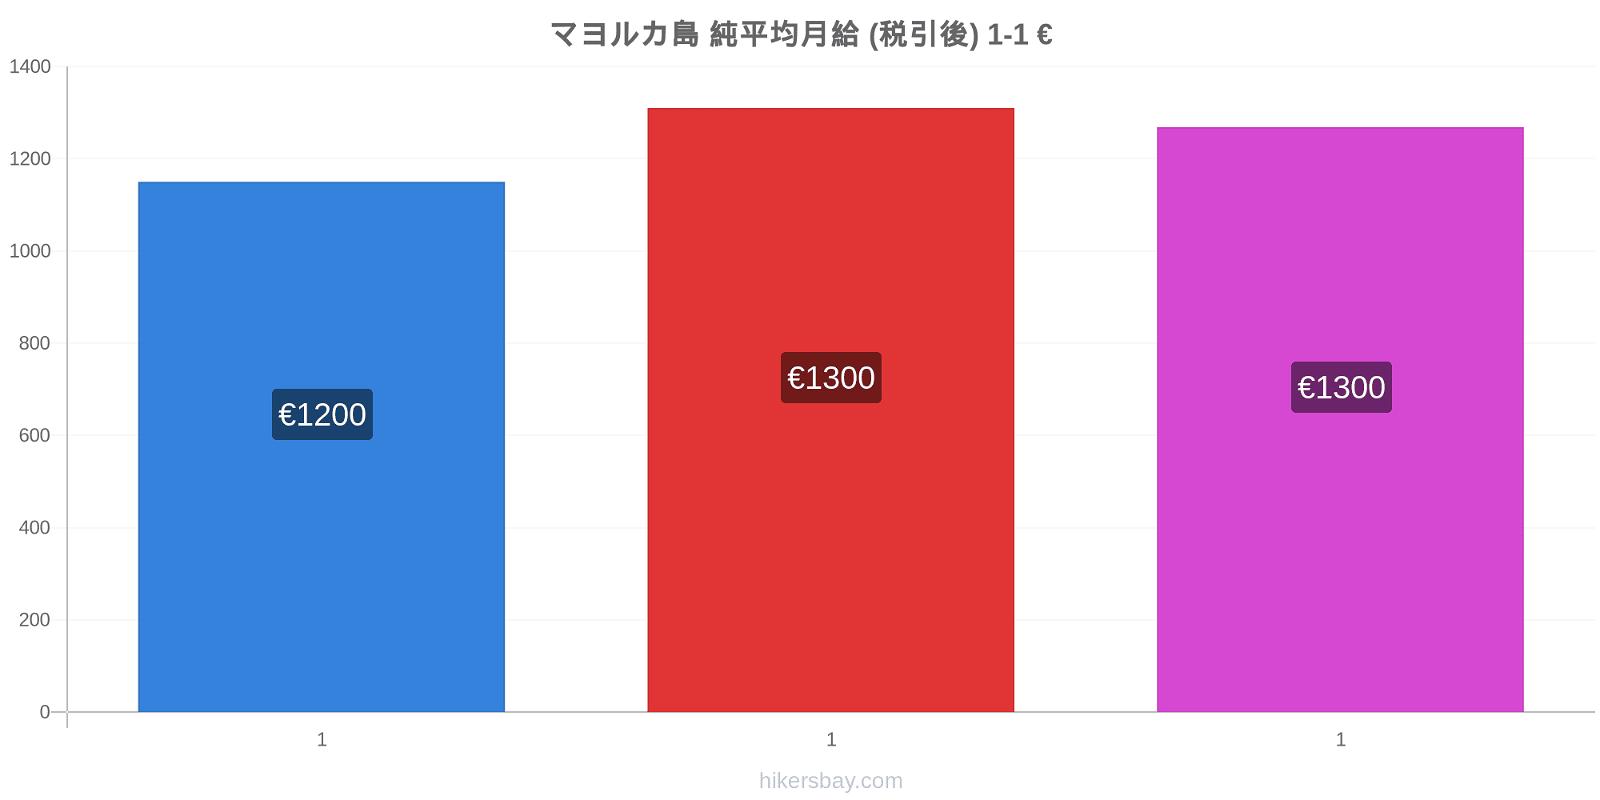 マヨルカ島 価格変更 純平均月給 (税引後) hikersbay.com